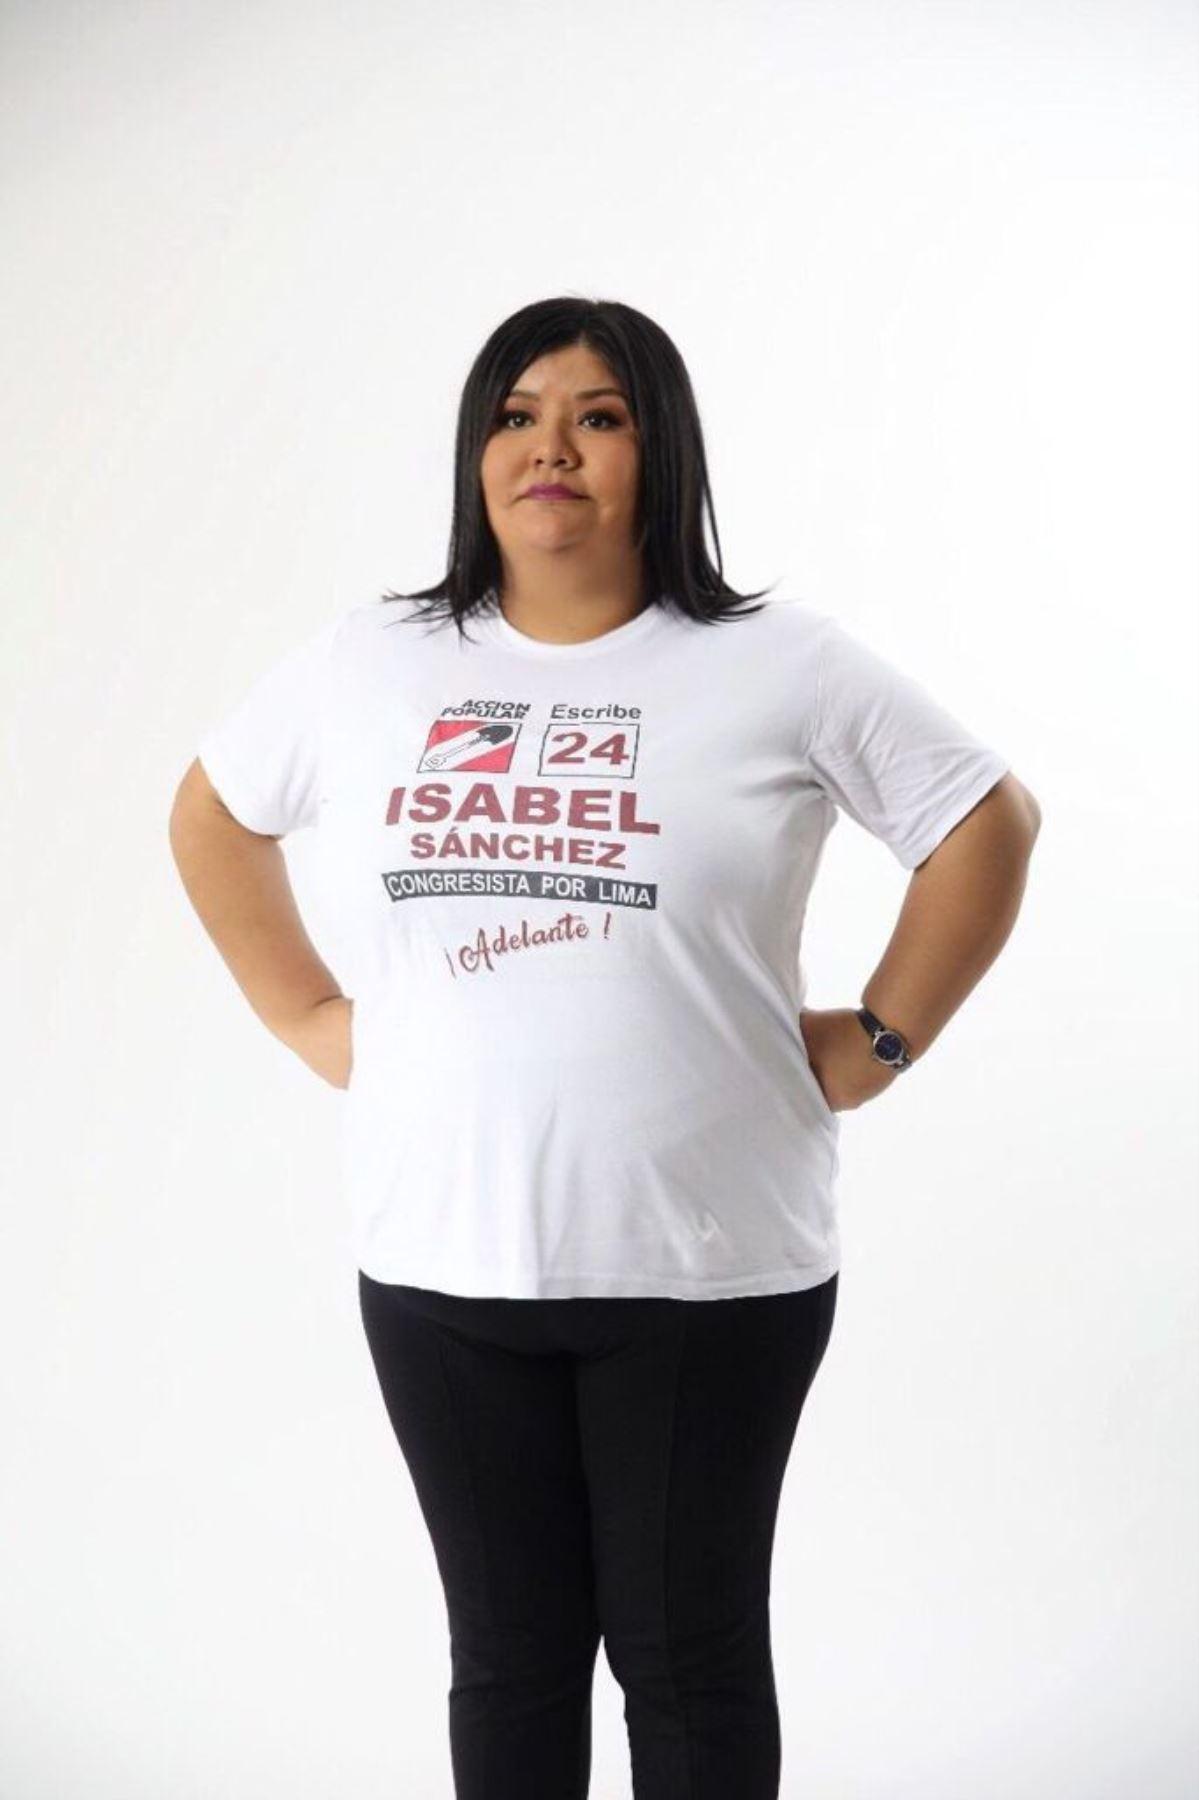 Isabel Sánchez, candidata al Congreso con el número 24 de Acción Popular.